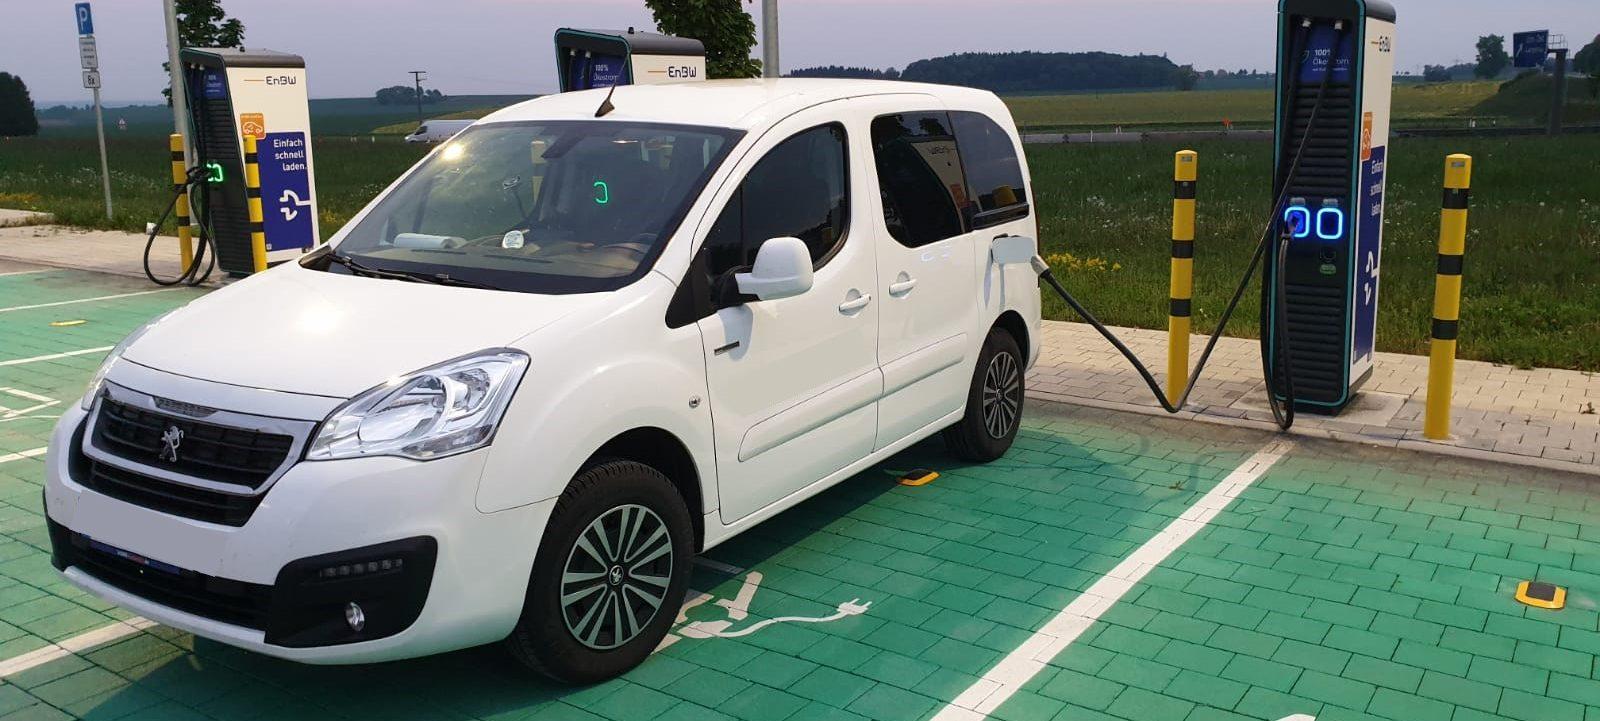 1-Auto-1600x721